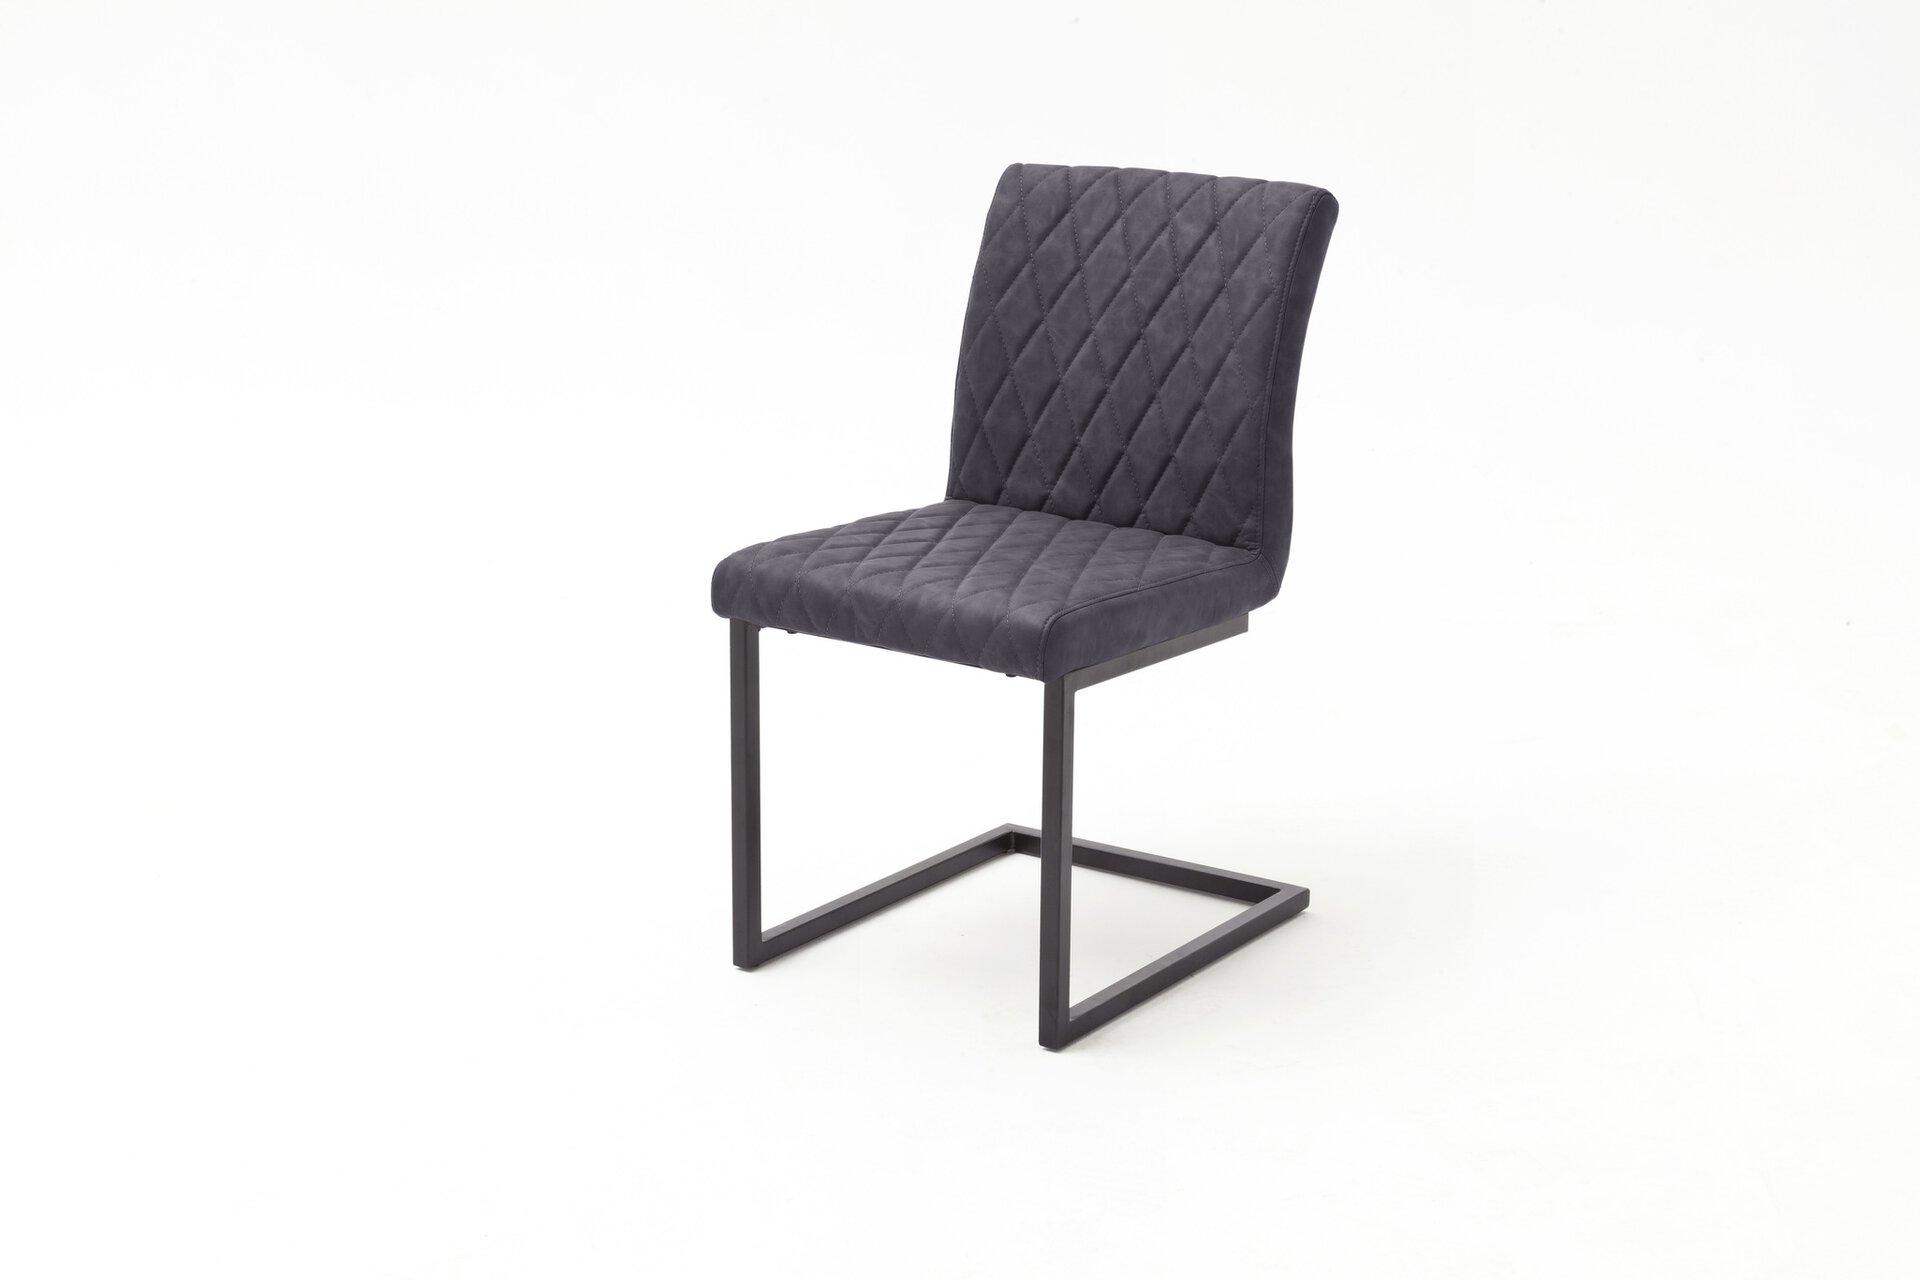 Stuhl KBS599GX MCA furniture Textil mehrfarbig 63 x 86 x 47 cm